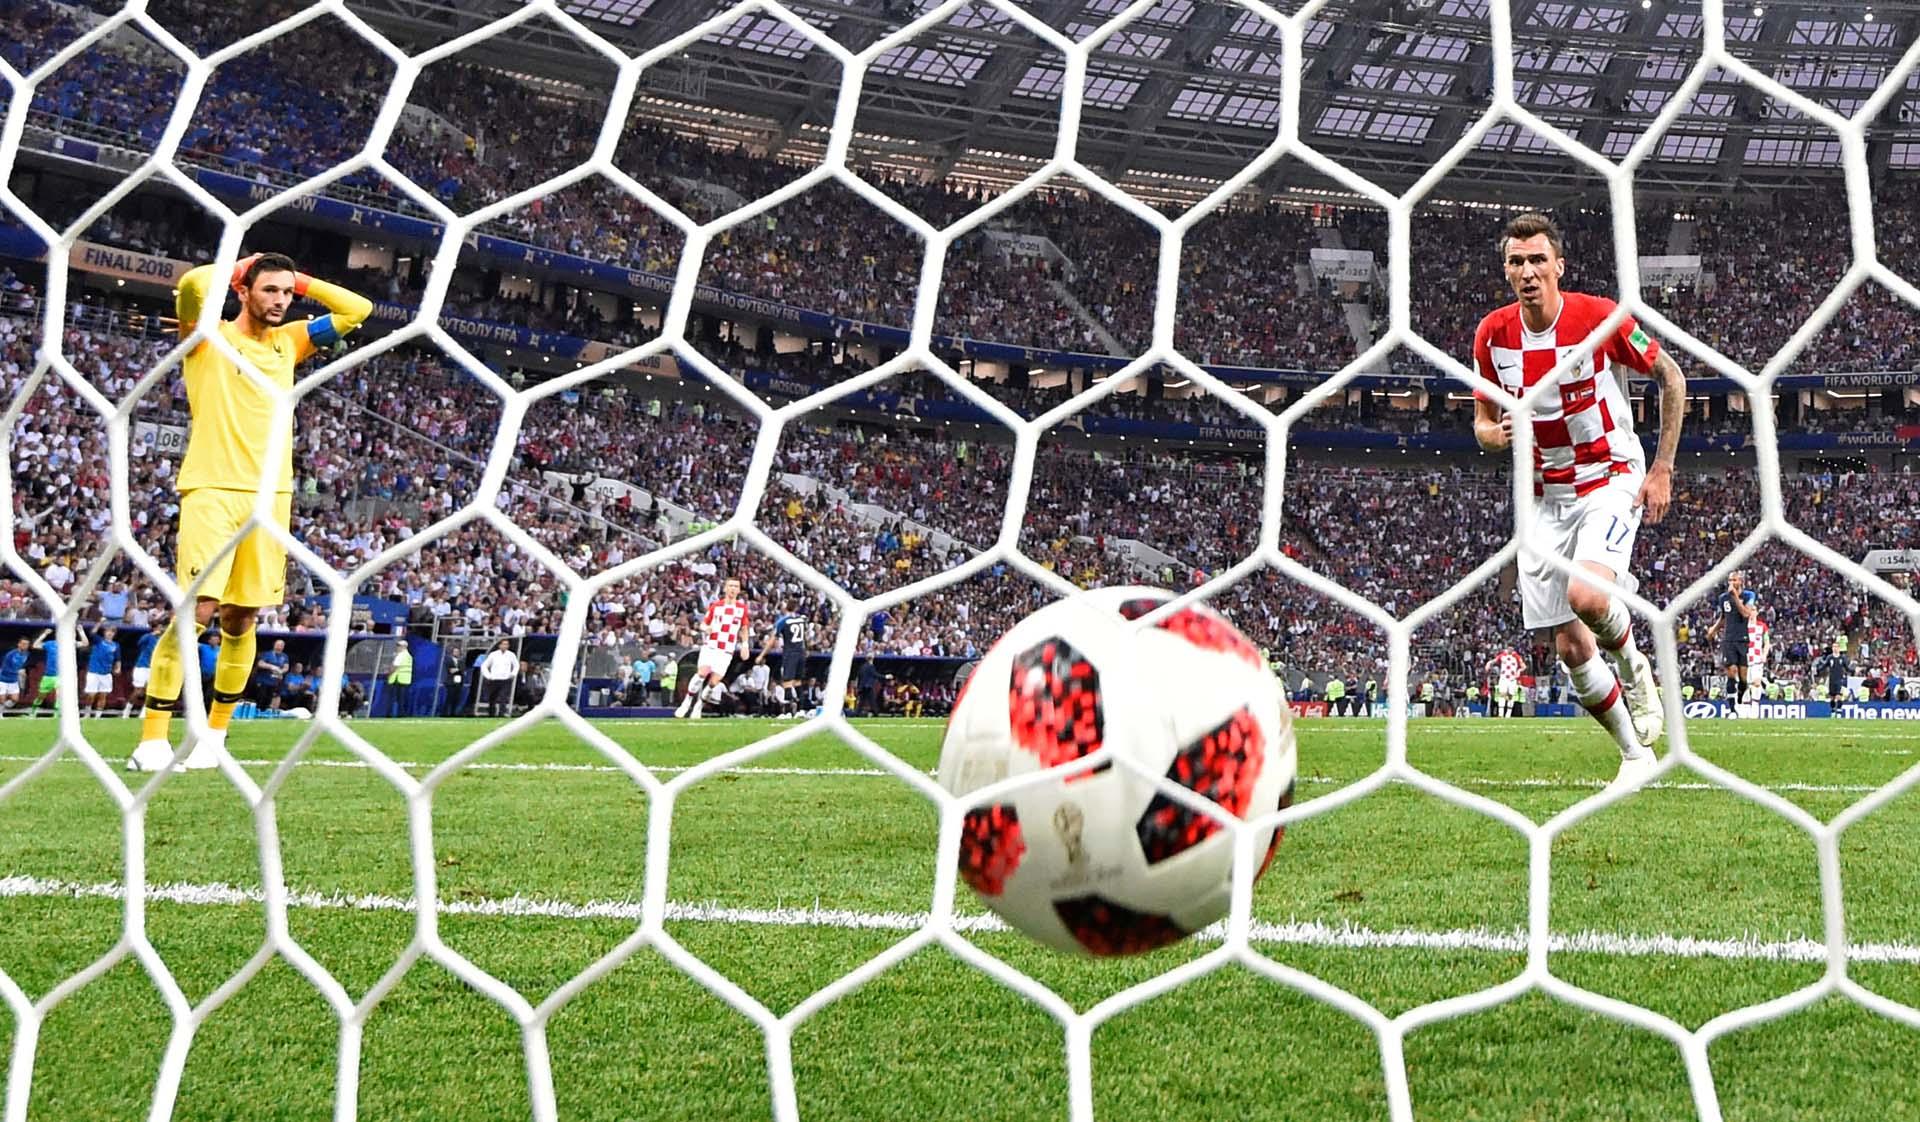 La imagen del gol que cerró el partido